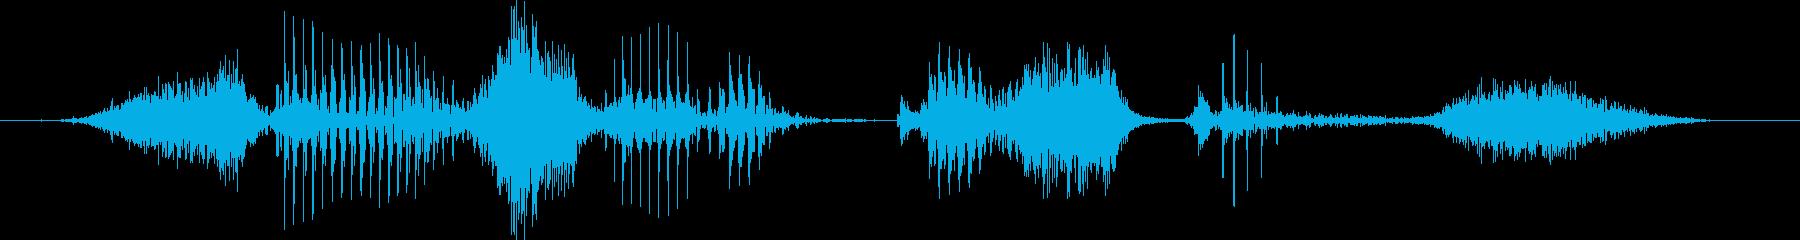 ソーシャルディスタンス(男性)の再生済みの波形